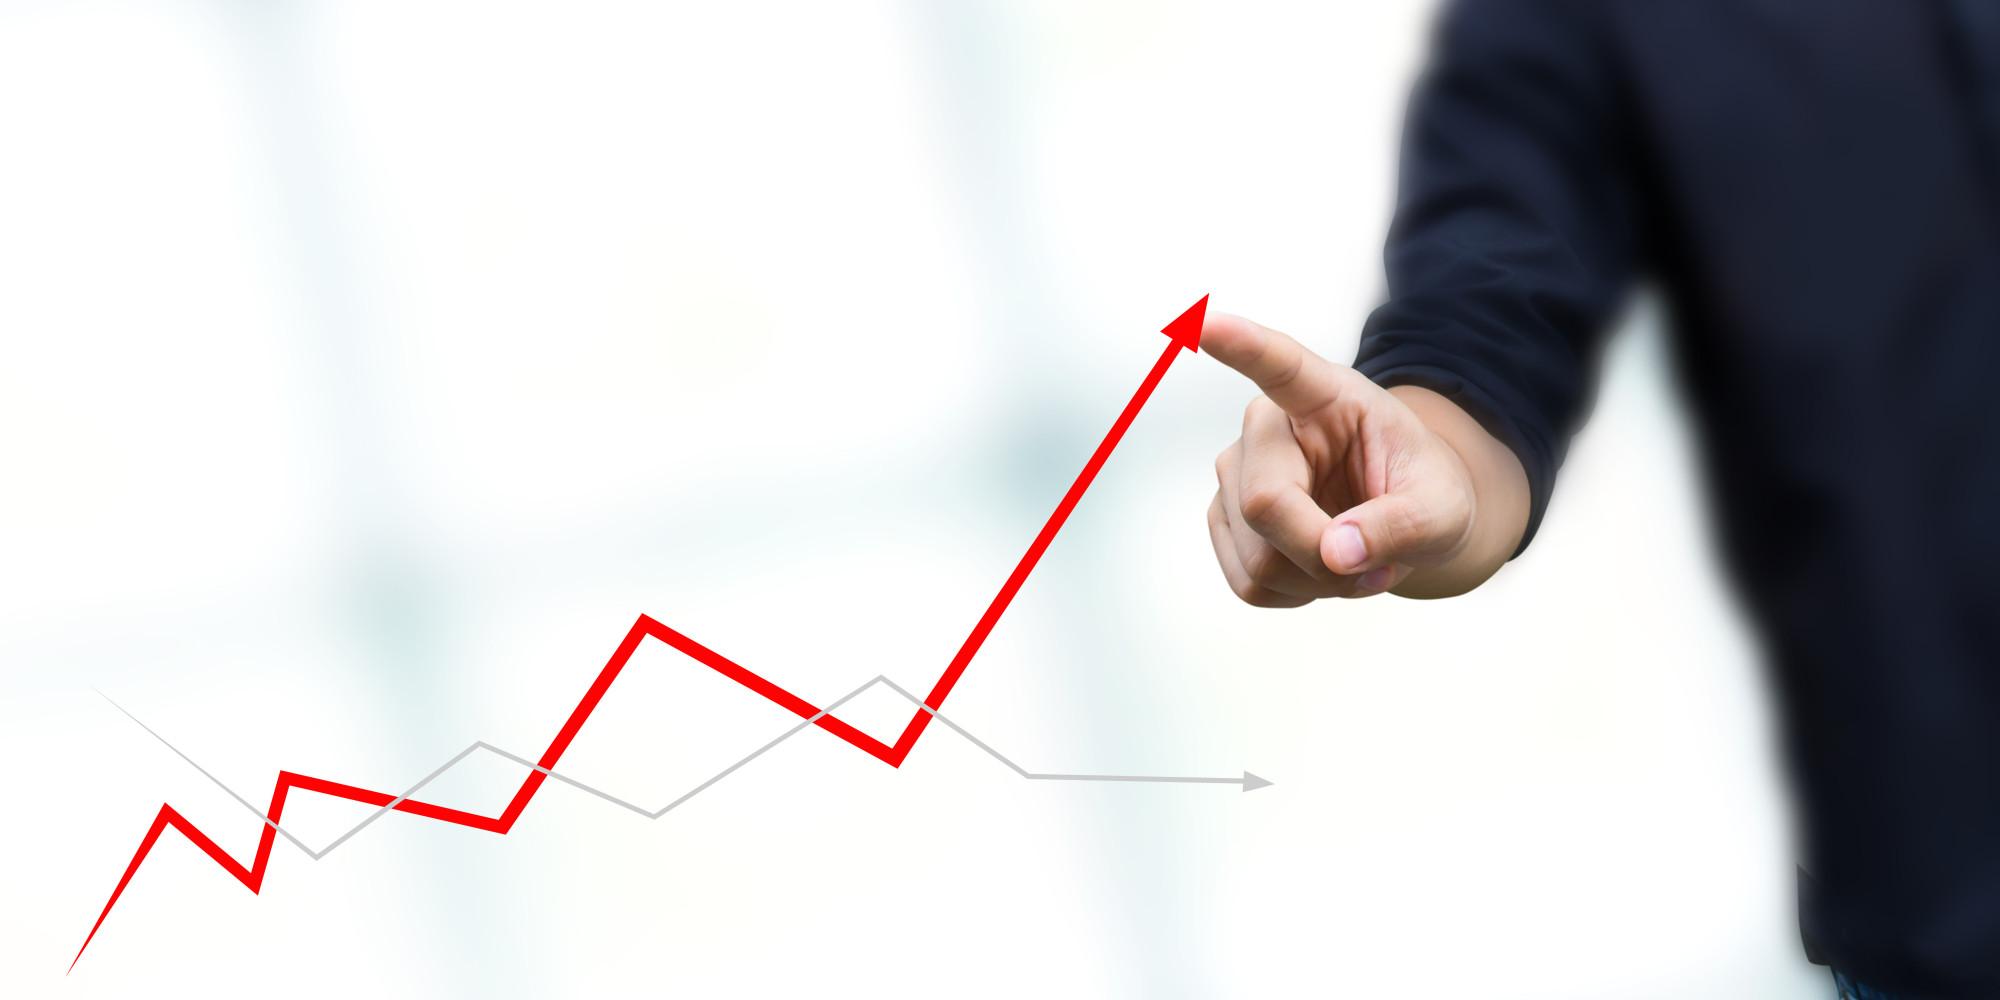 النقد الدولي: تونس مطالبة برفع نسبة النمو إلى 5 % حتى تتمكن من حلّ مشاكلها